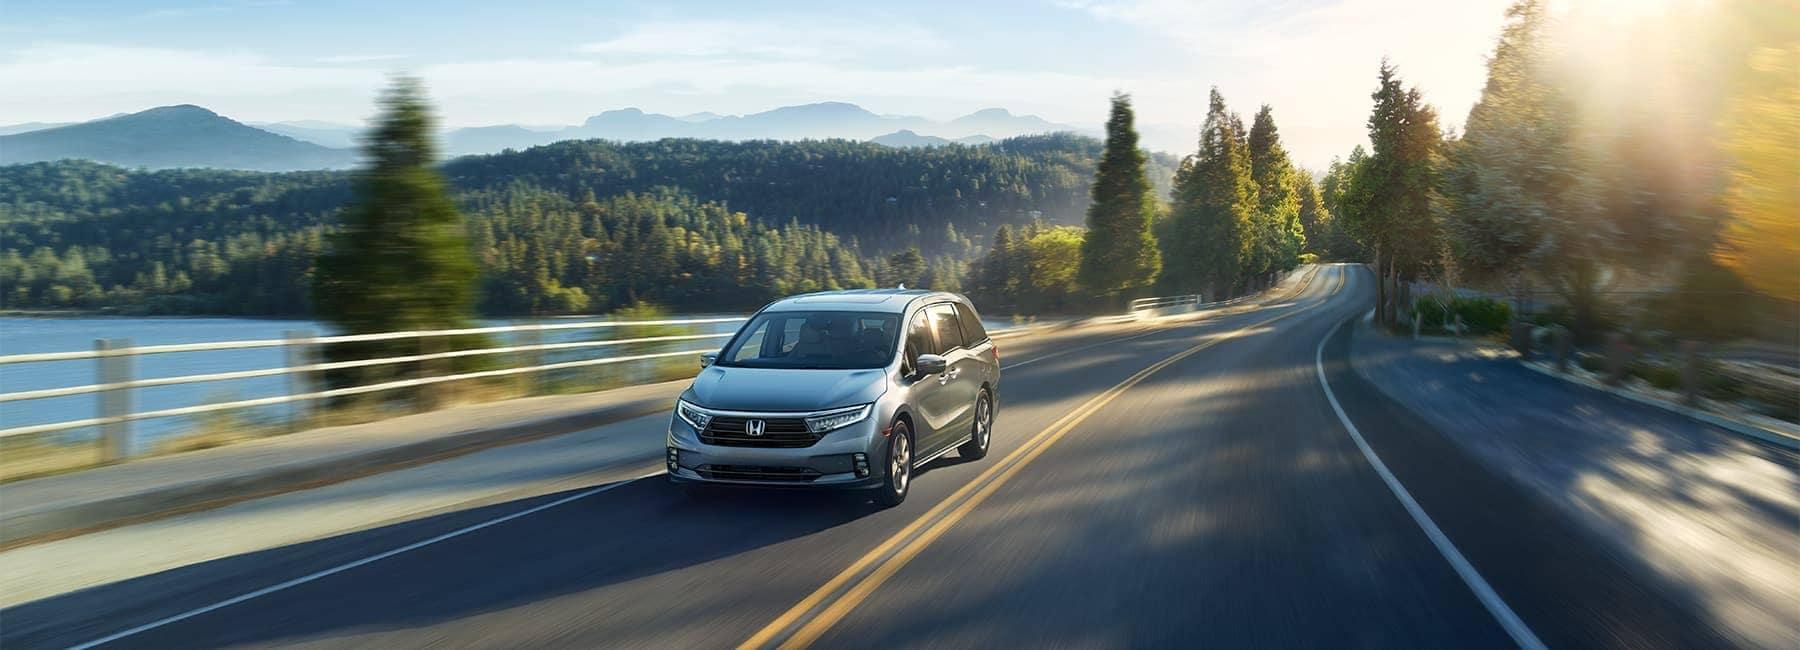 2021 Honda Odyssey Elite on a mountain road